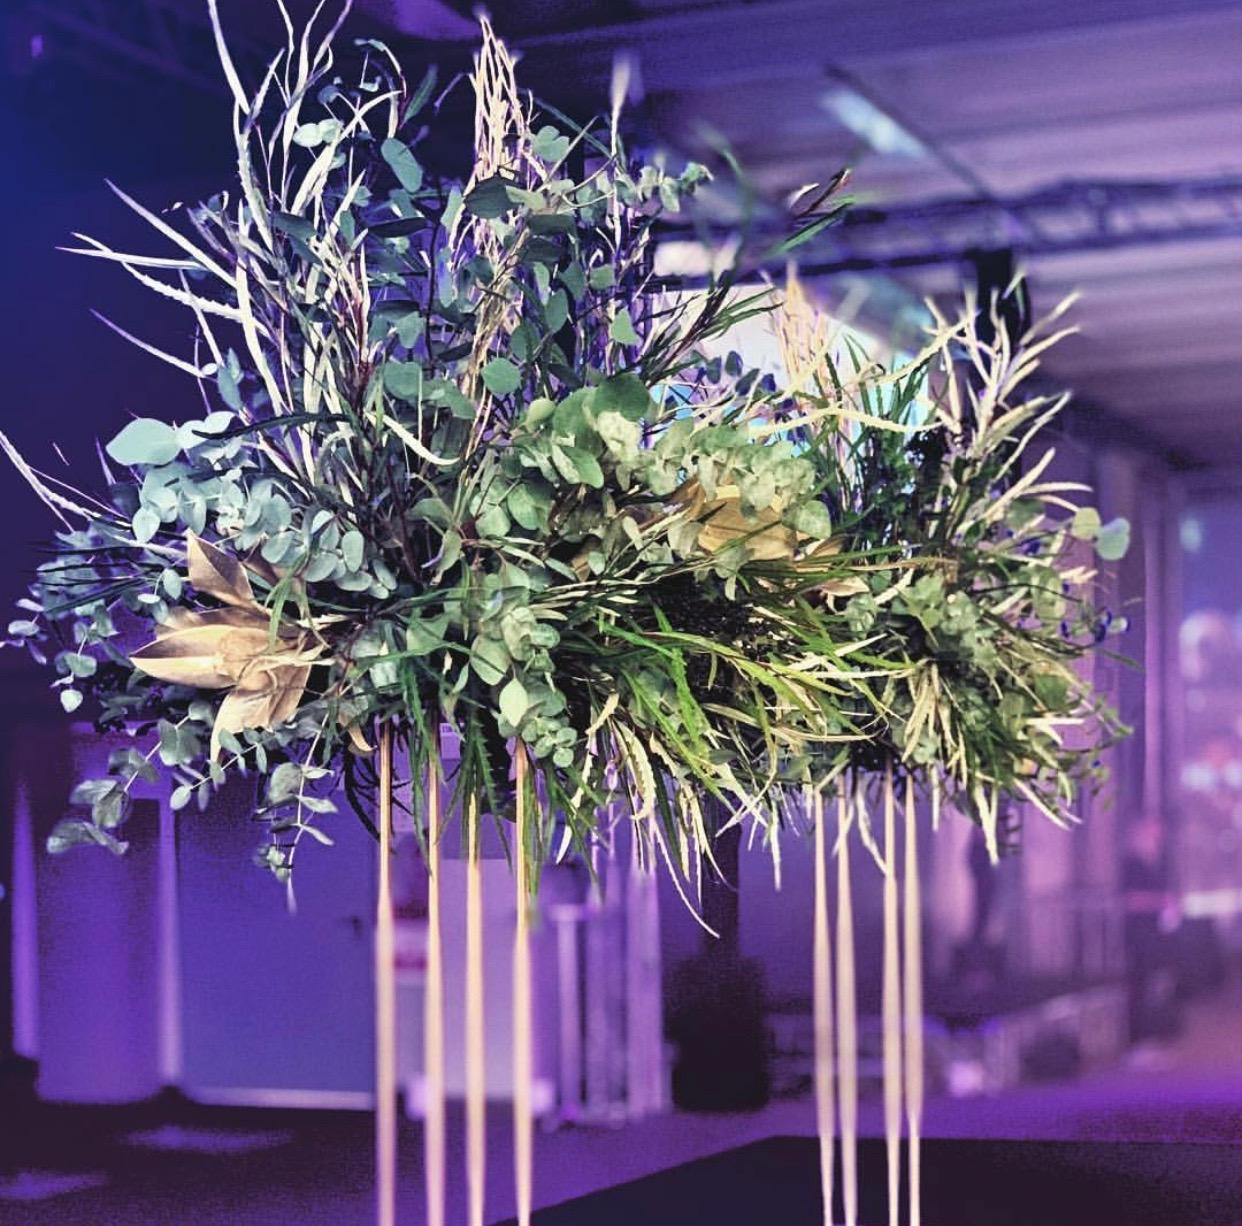 cvetni aranzmani sa zelenilom na zlatnom stalku